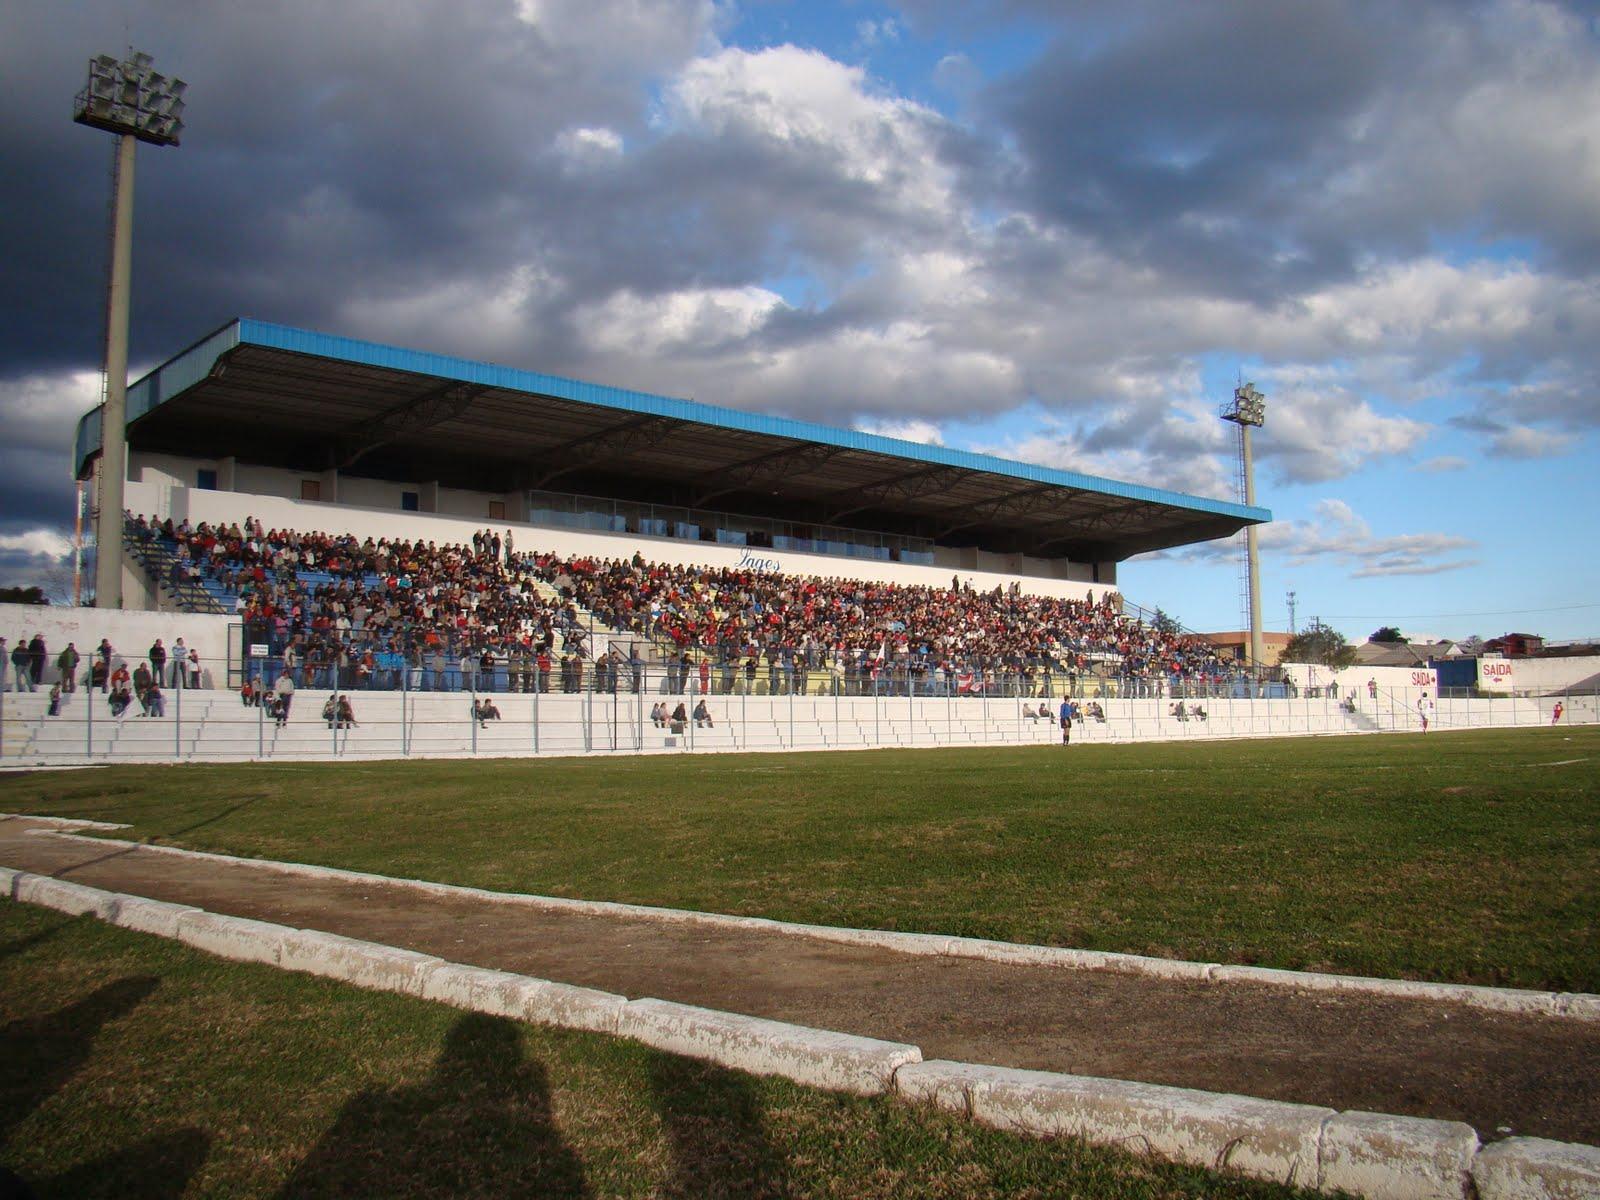 45a6017f4bc3d O Inter de Lages está levando mais torcedores ao estádio que Marília (SP)